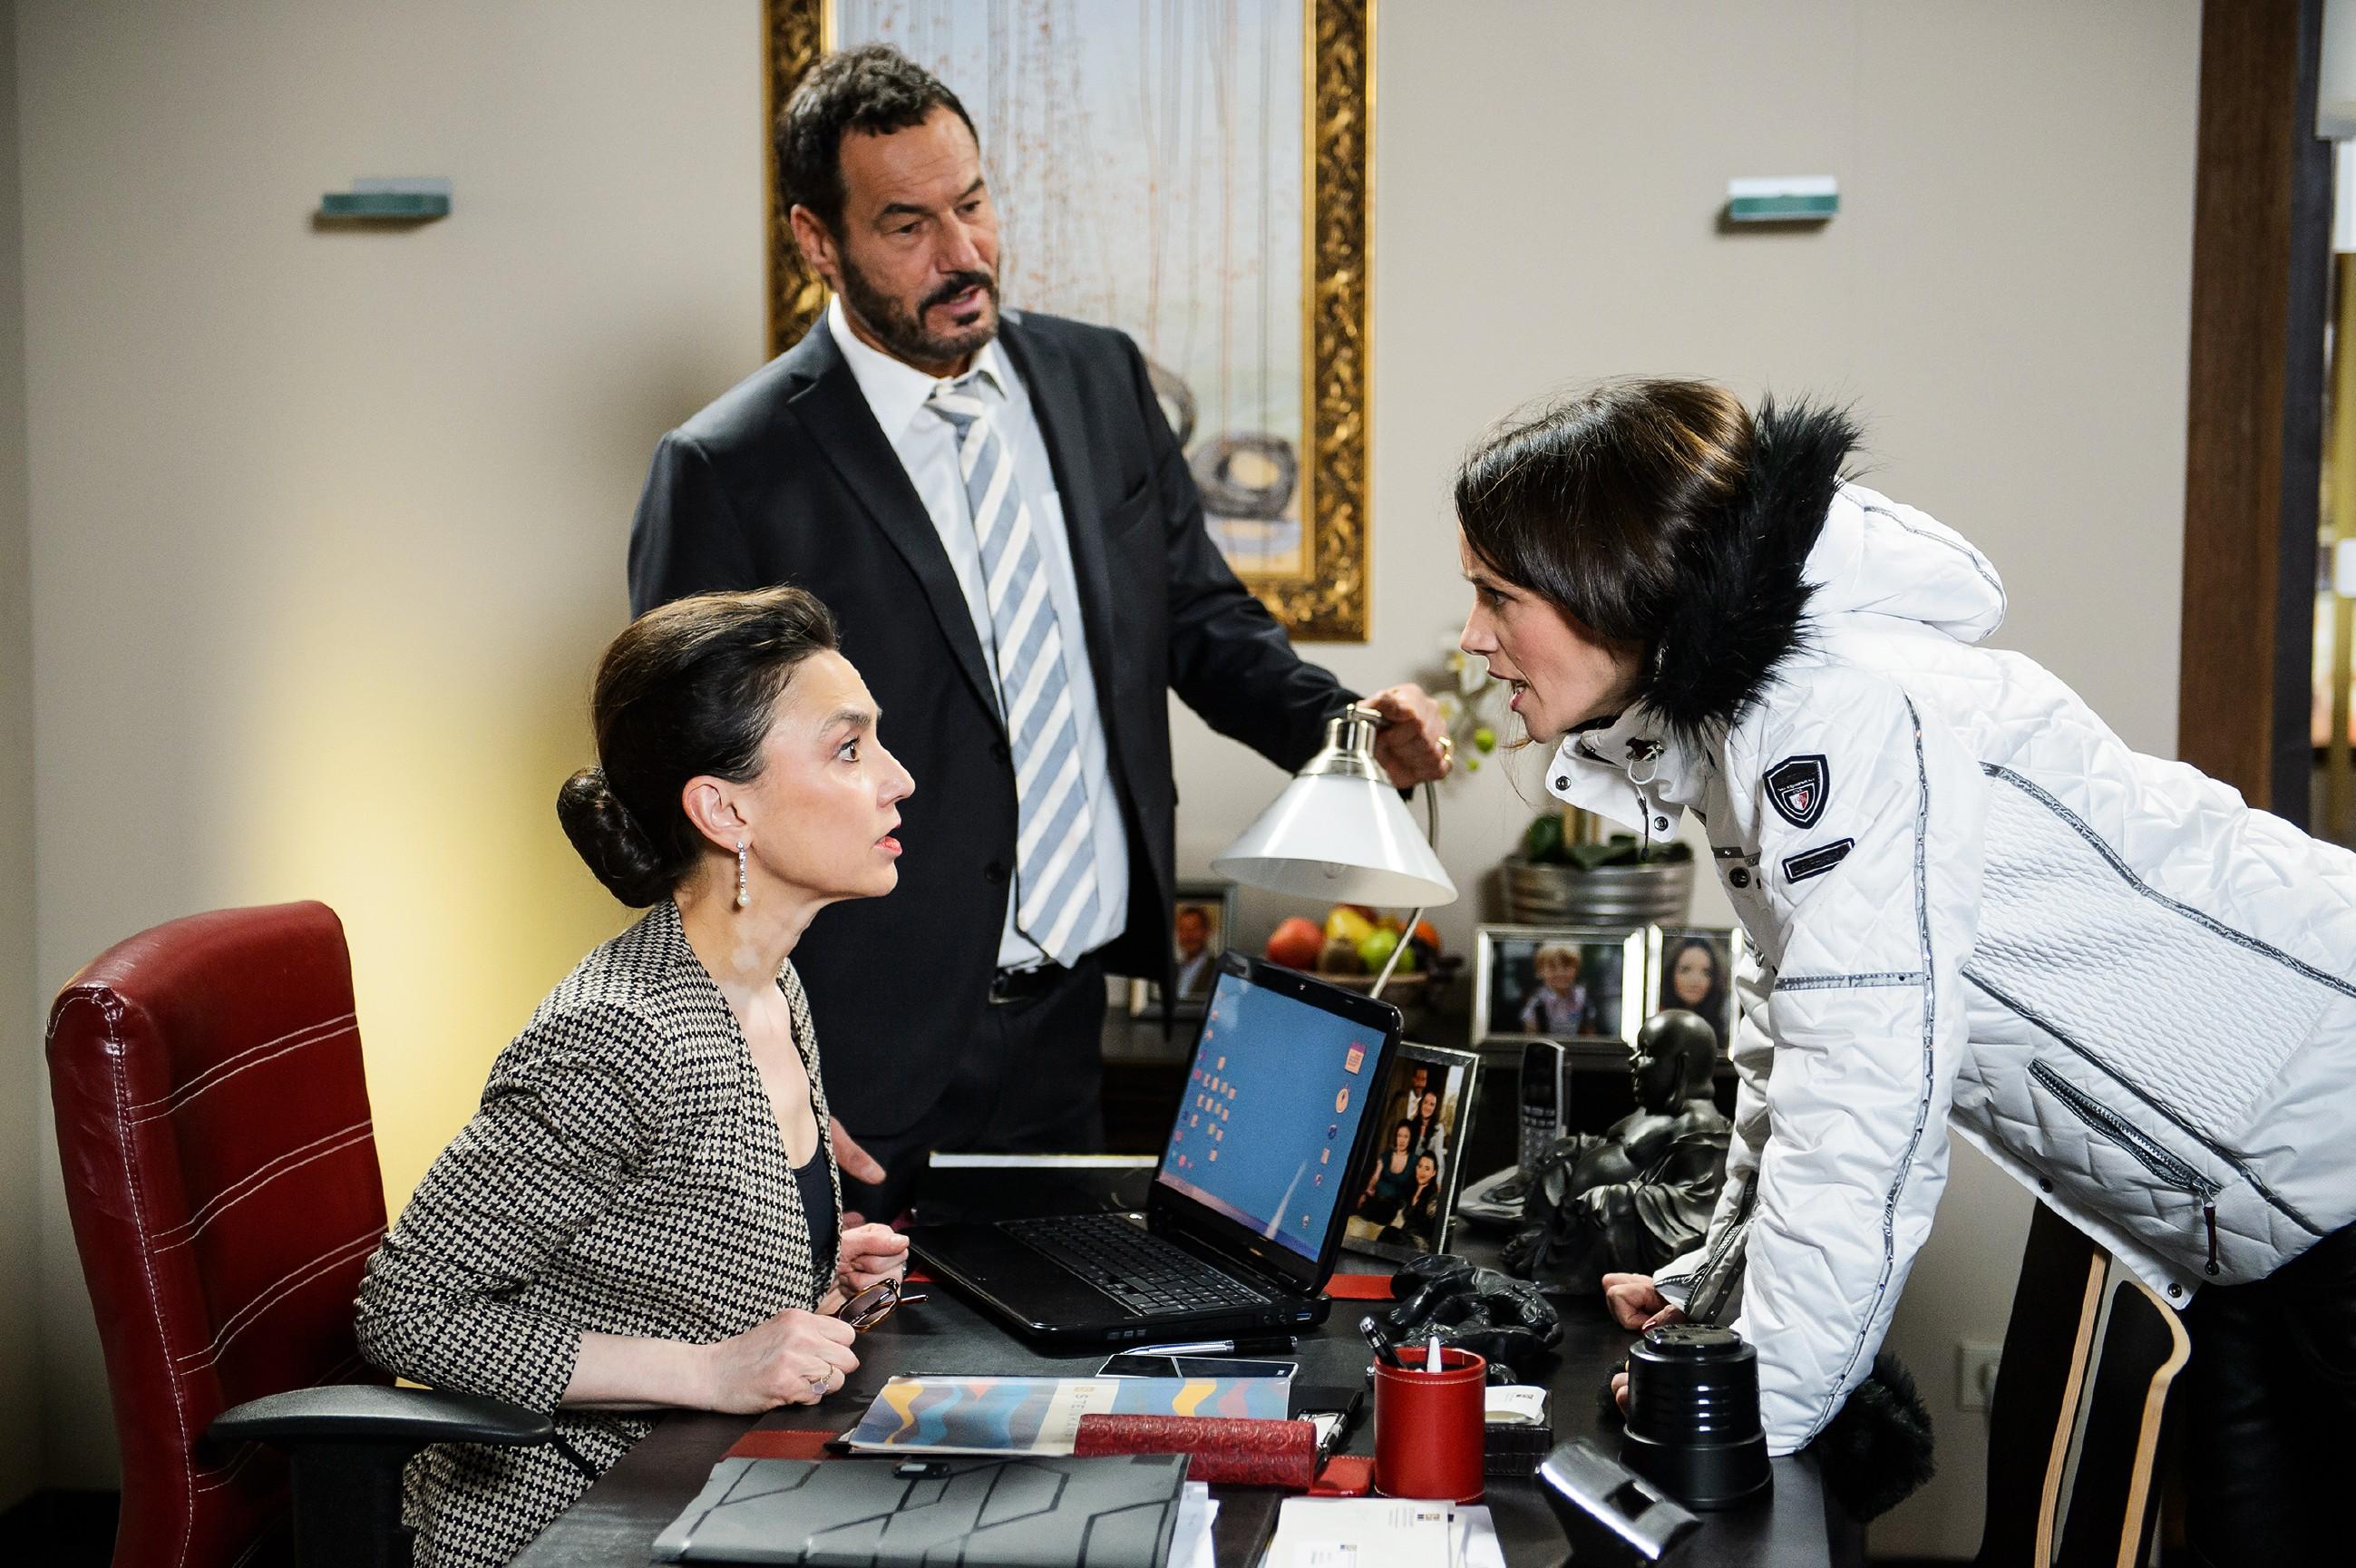 Jenny (Kaja Schmidt-Tychsen, r.) erfährt fassungslos von Simone (Tatjana Clasing), dass sich die Journalisten mal wieder um Diana reißen. Auch Richard (Silvan-Pierre Leirich) gelingt es nicht, seine Tochter zu besänftigen. (Quelle: RTL / Willi Weber)